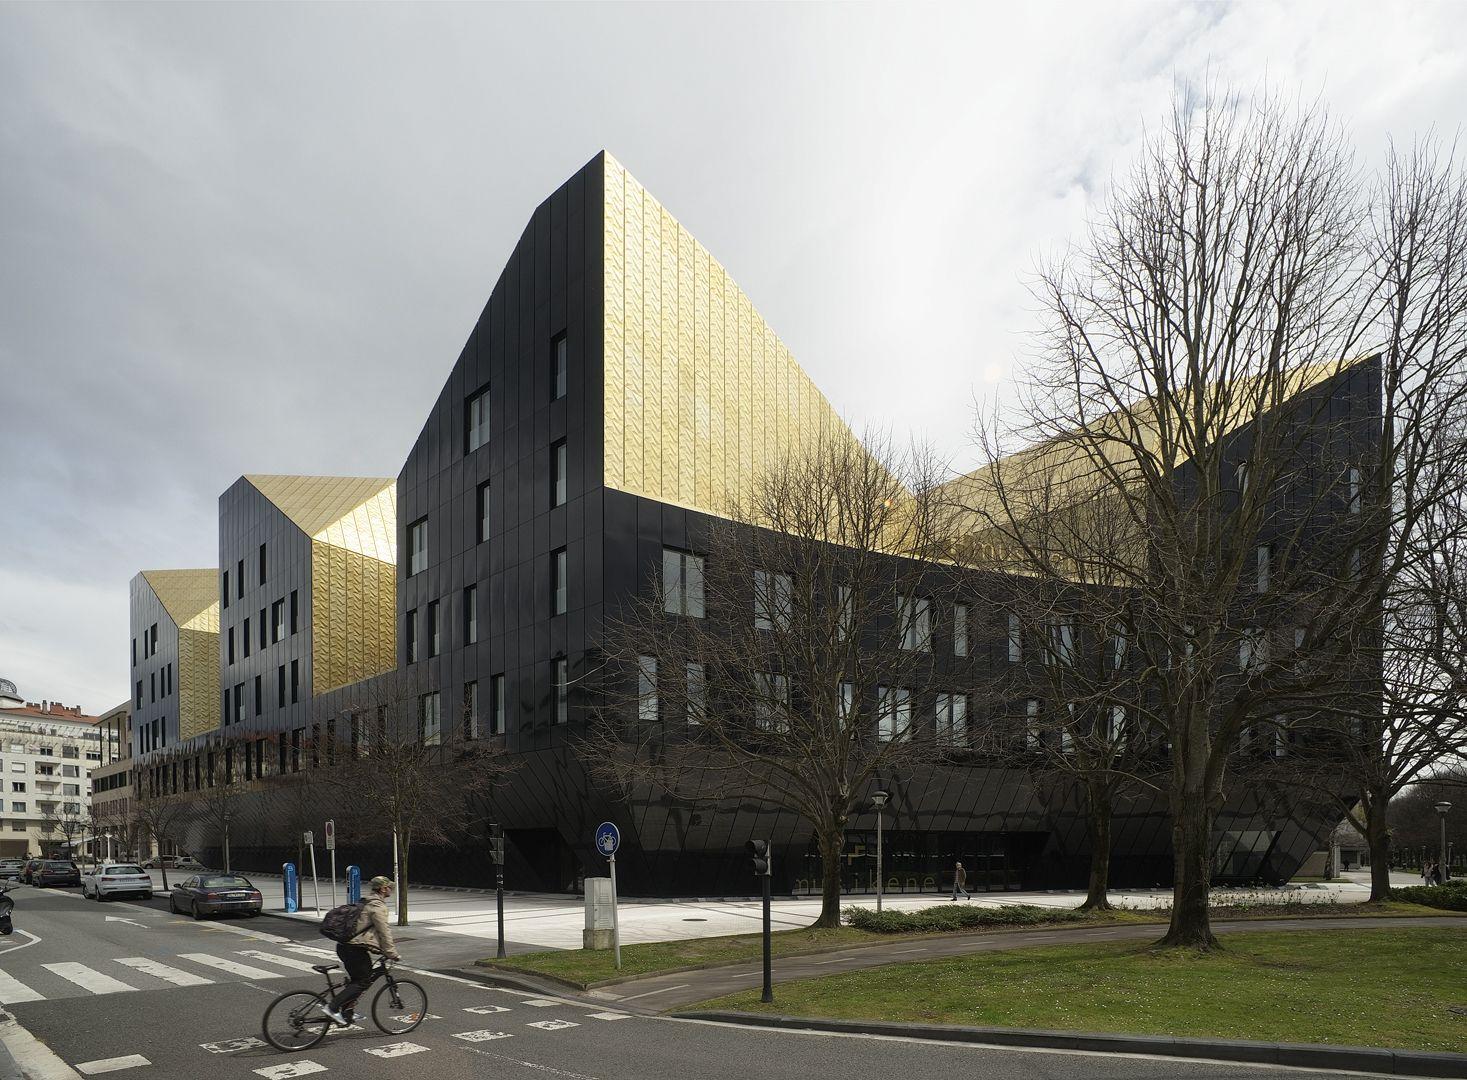 Musikene ga atxurra zelaieta arquitectos arquitectos for Escuela arquitectura donostia